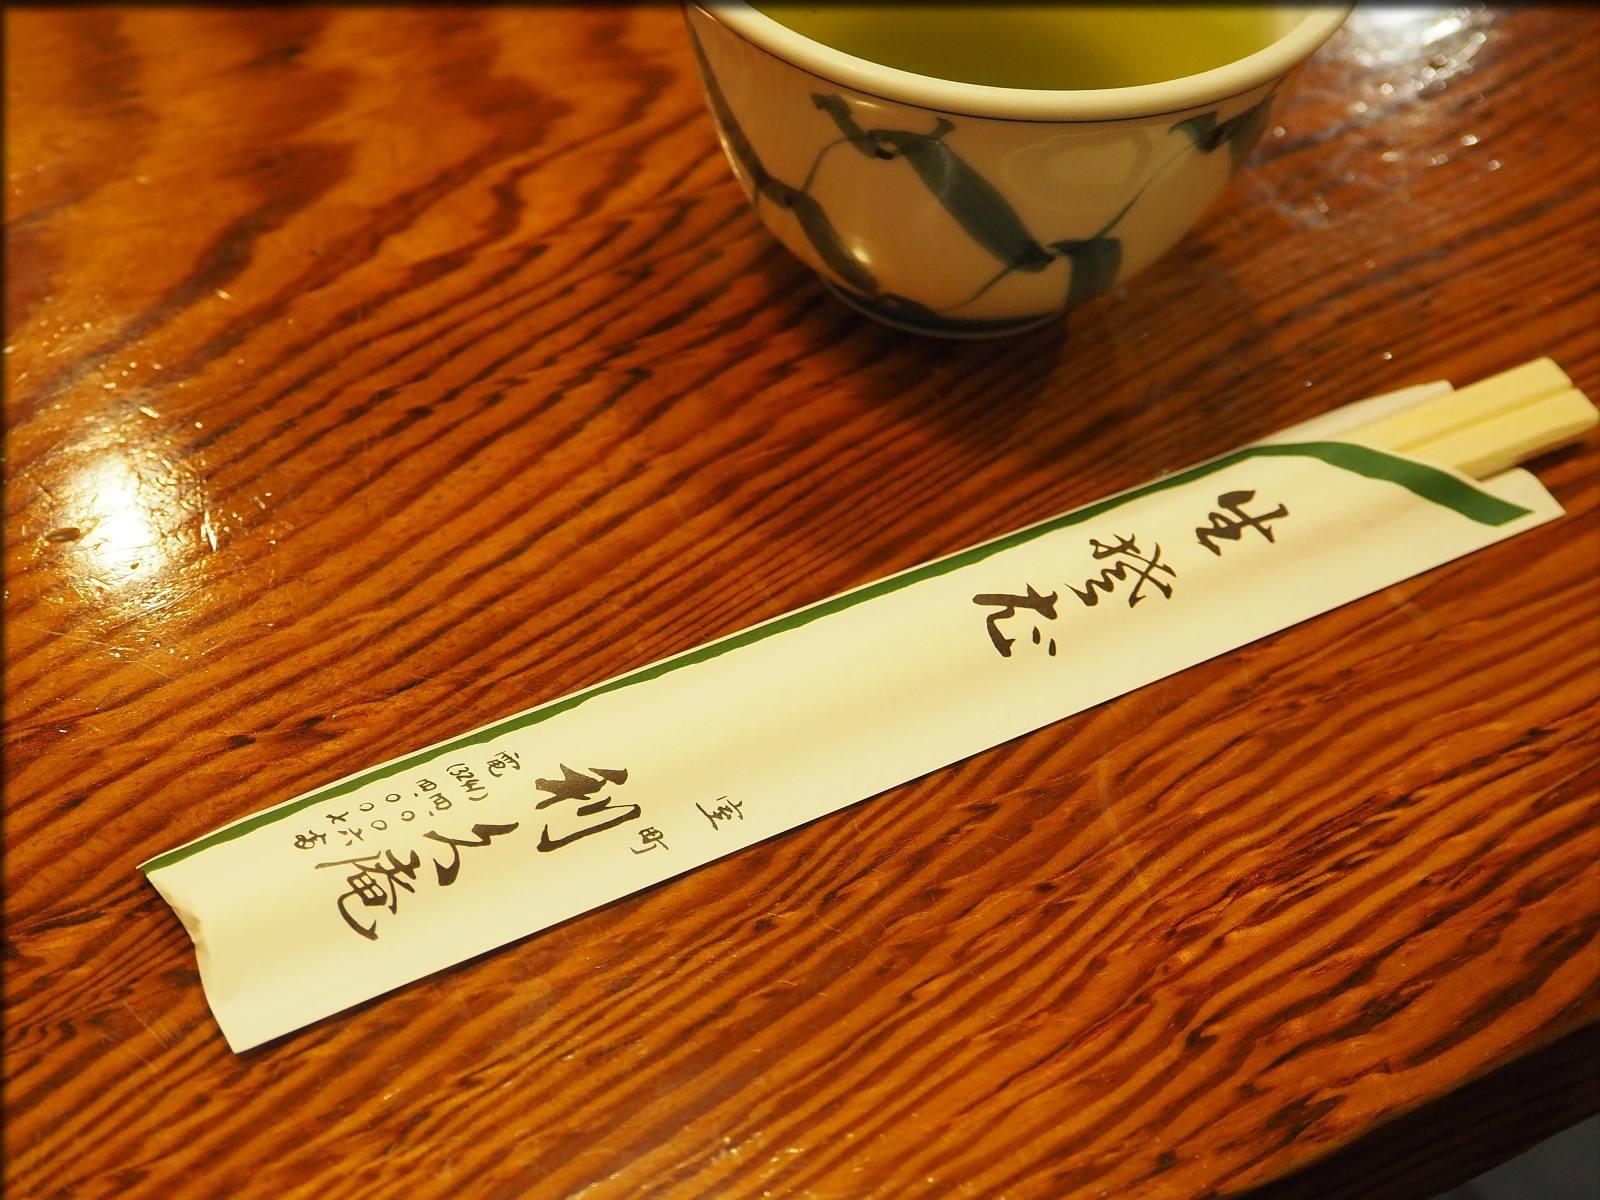 老舗蕎麦処・利久庵で蕎麦@日本橋室町_b0054329_09244584.jpg